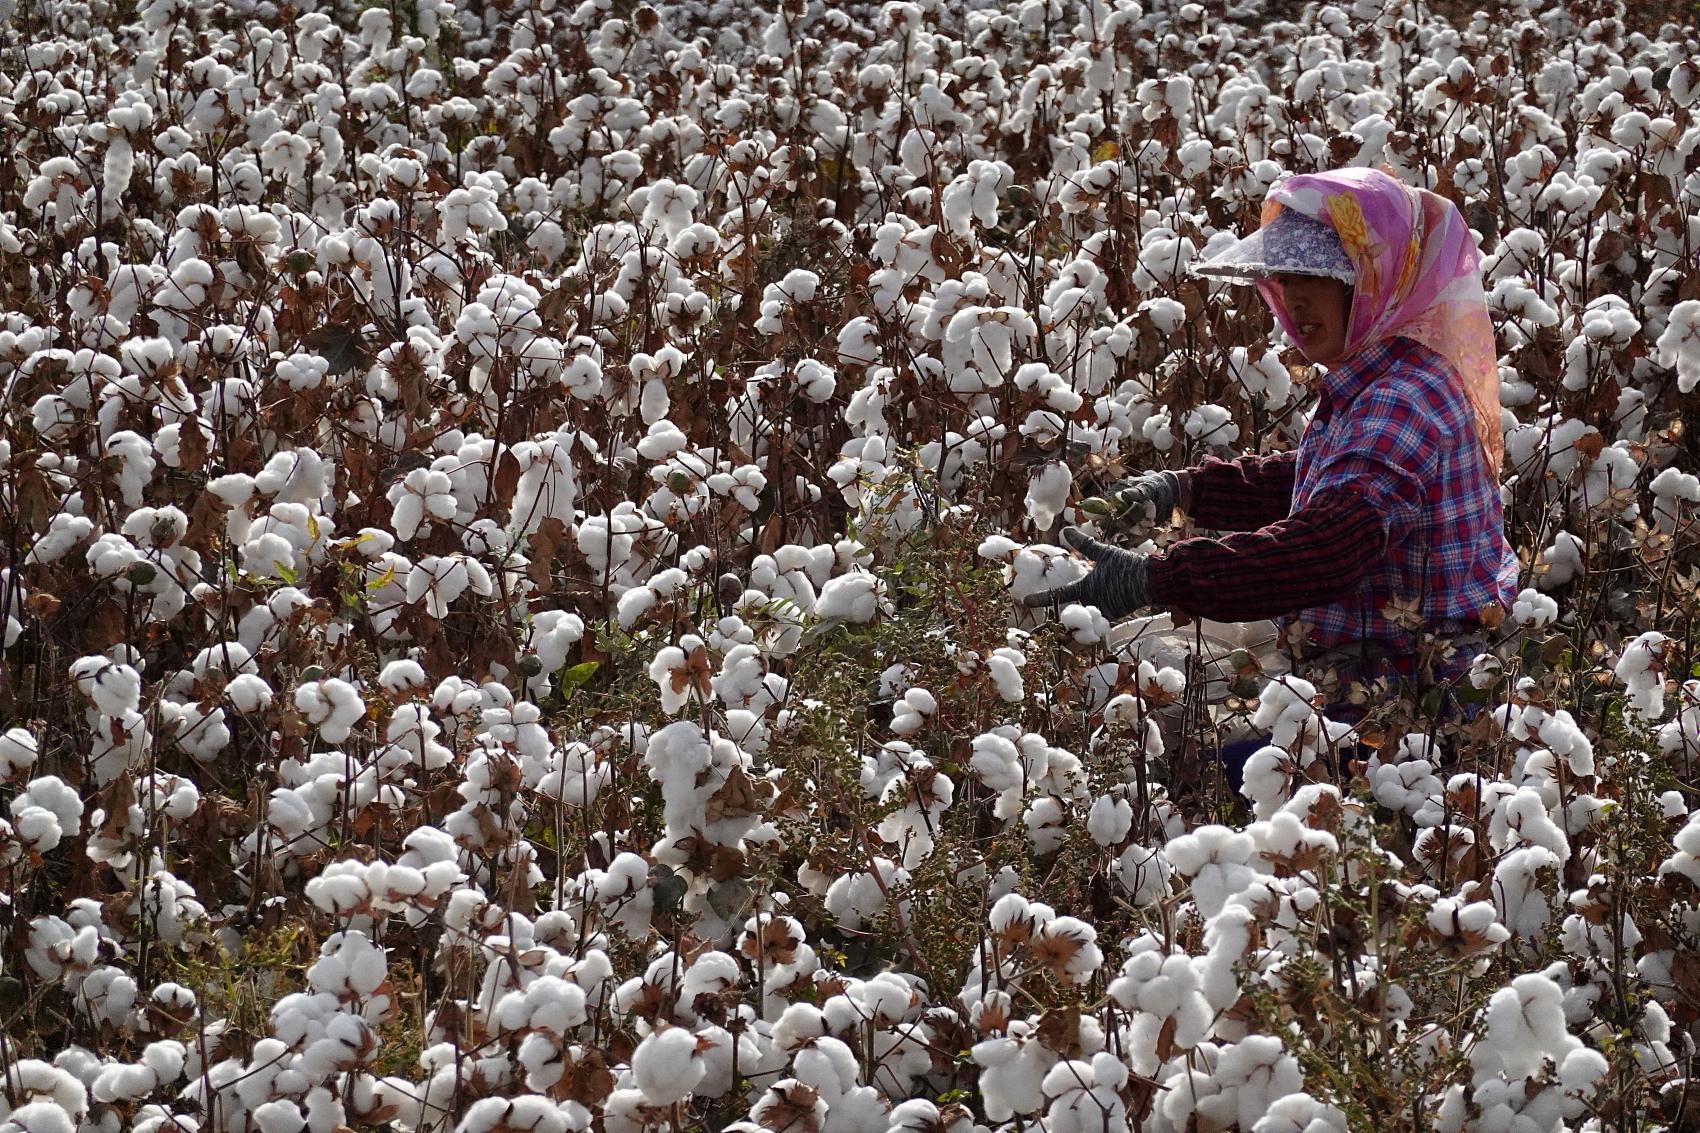 新冷戰,服飾業,新疆,棉花,經濟作物,勞動,品牌,炫耀財,咖啡公義